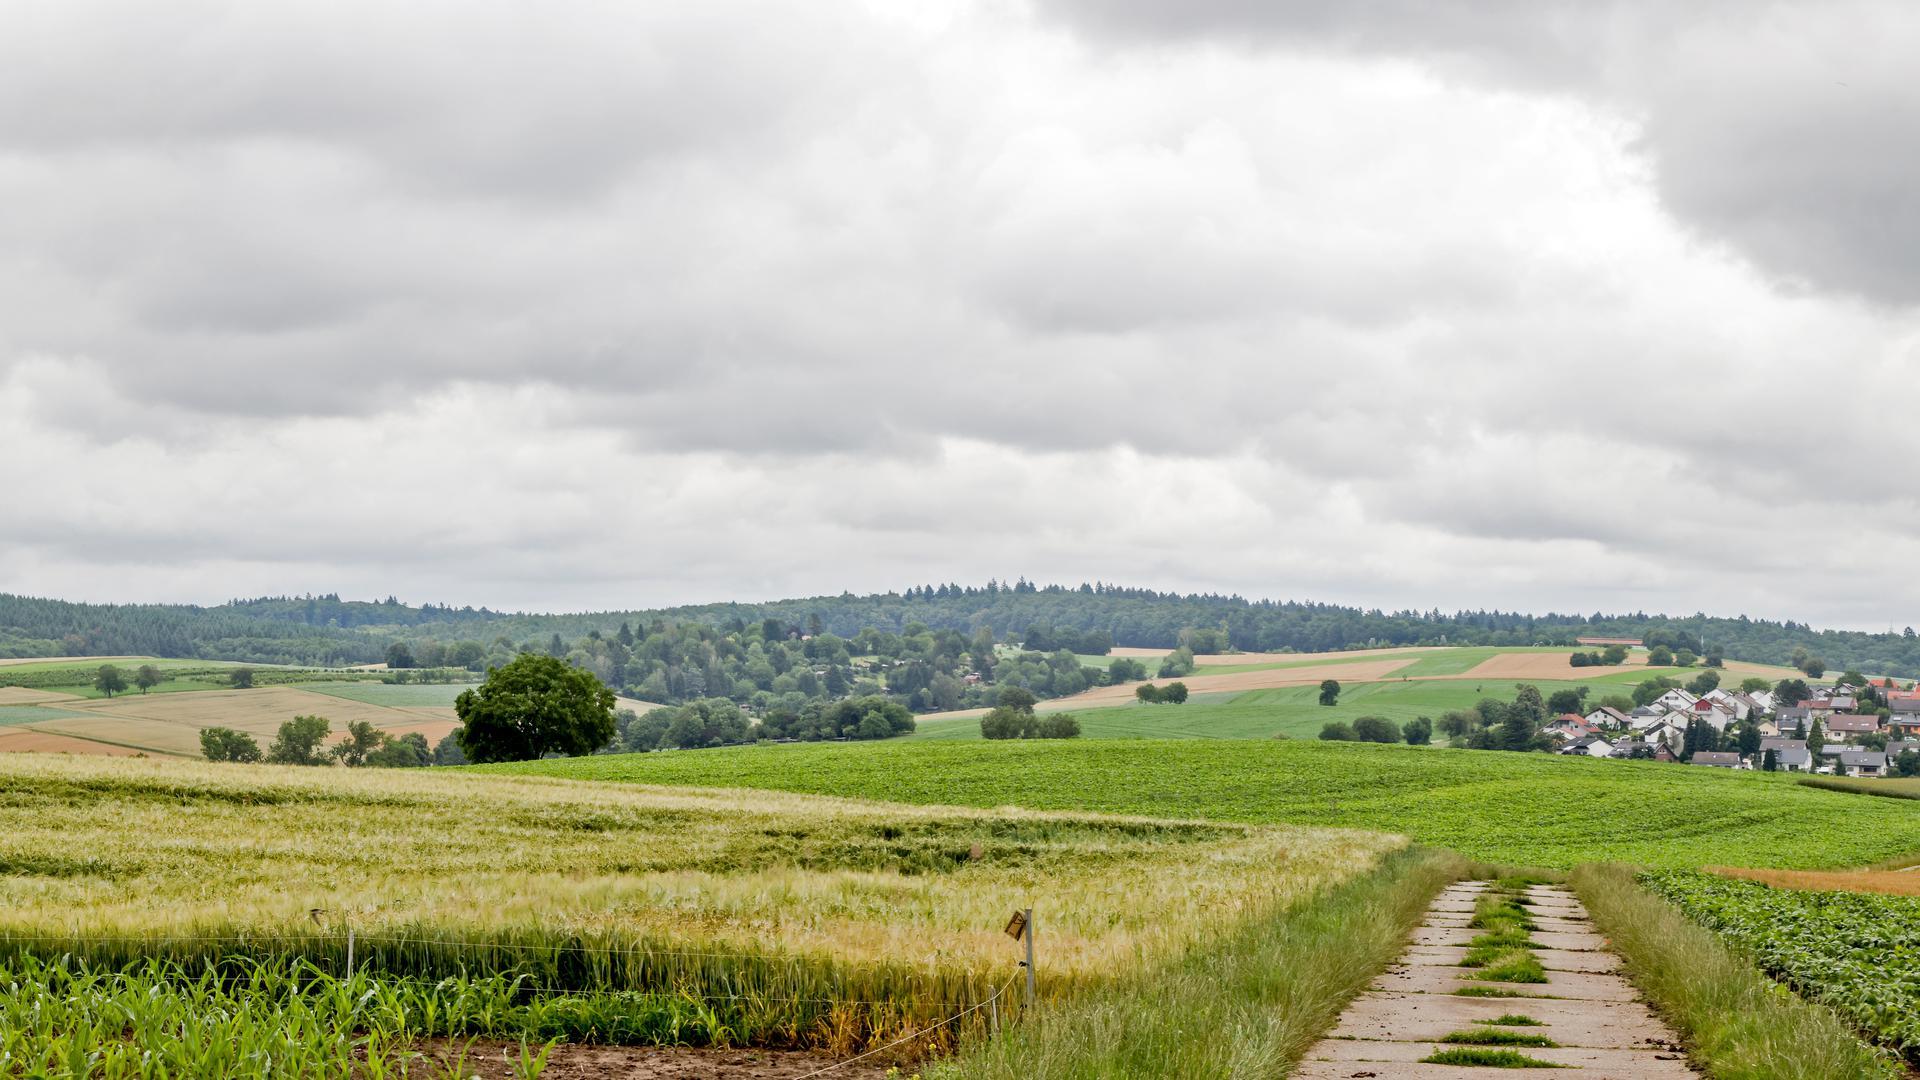 Blick auf Landschaft mit Feldern